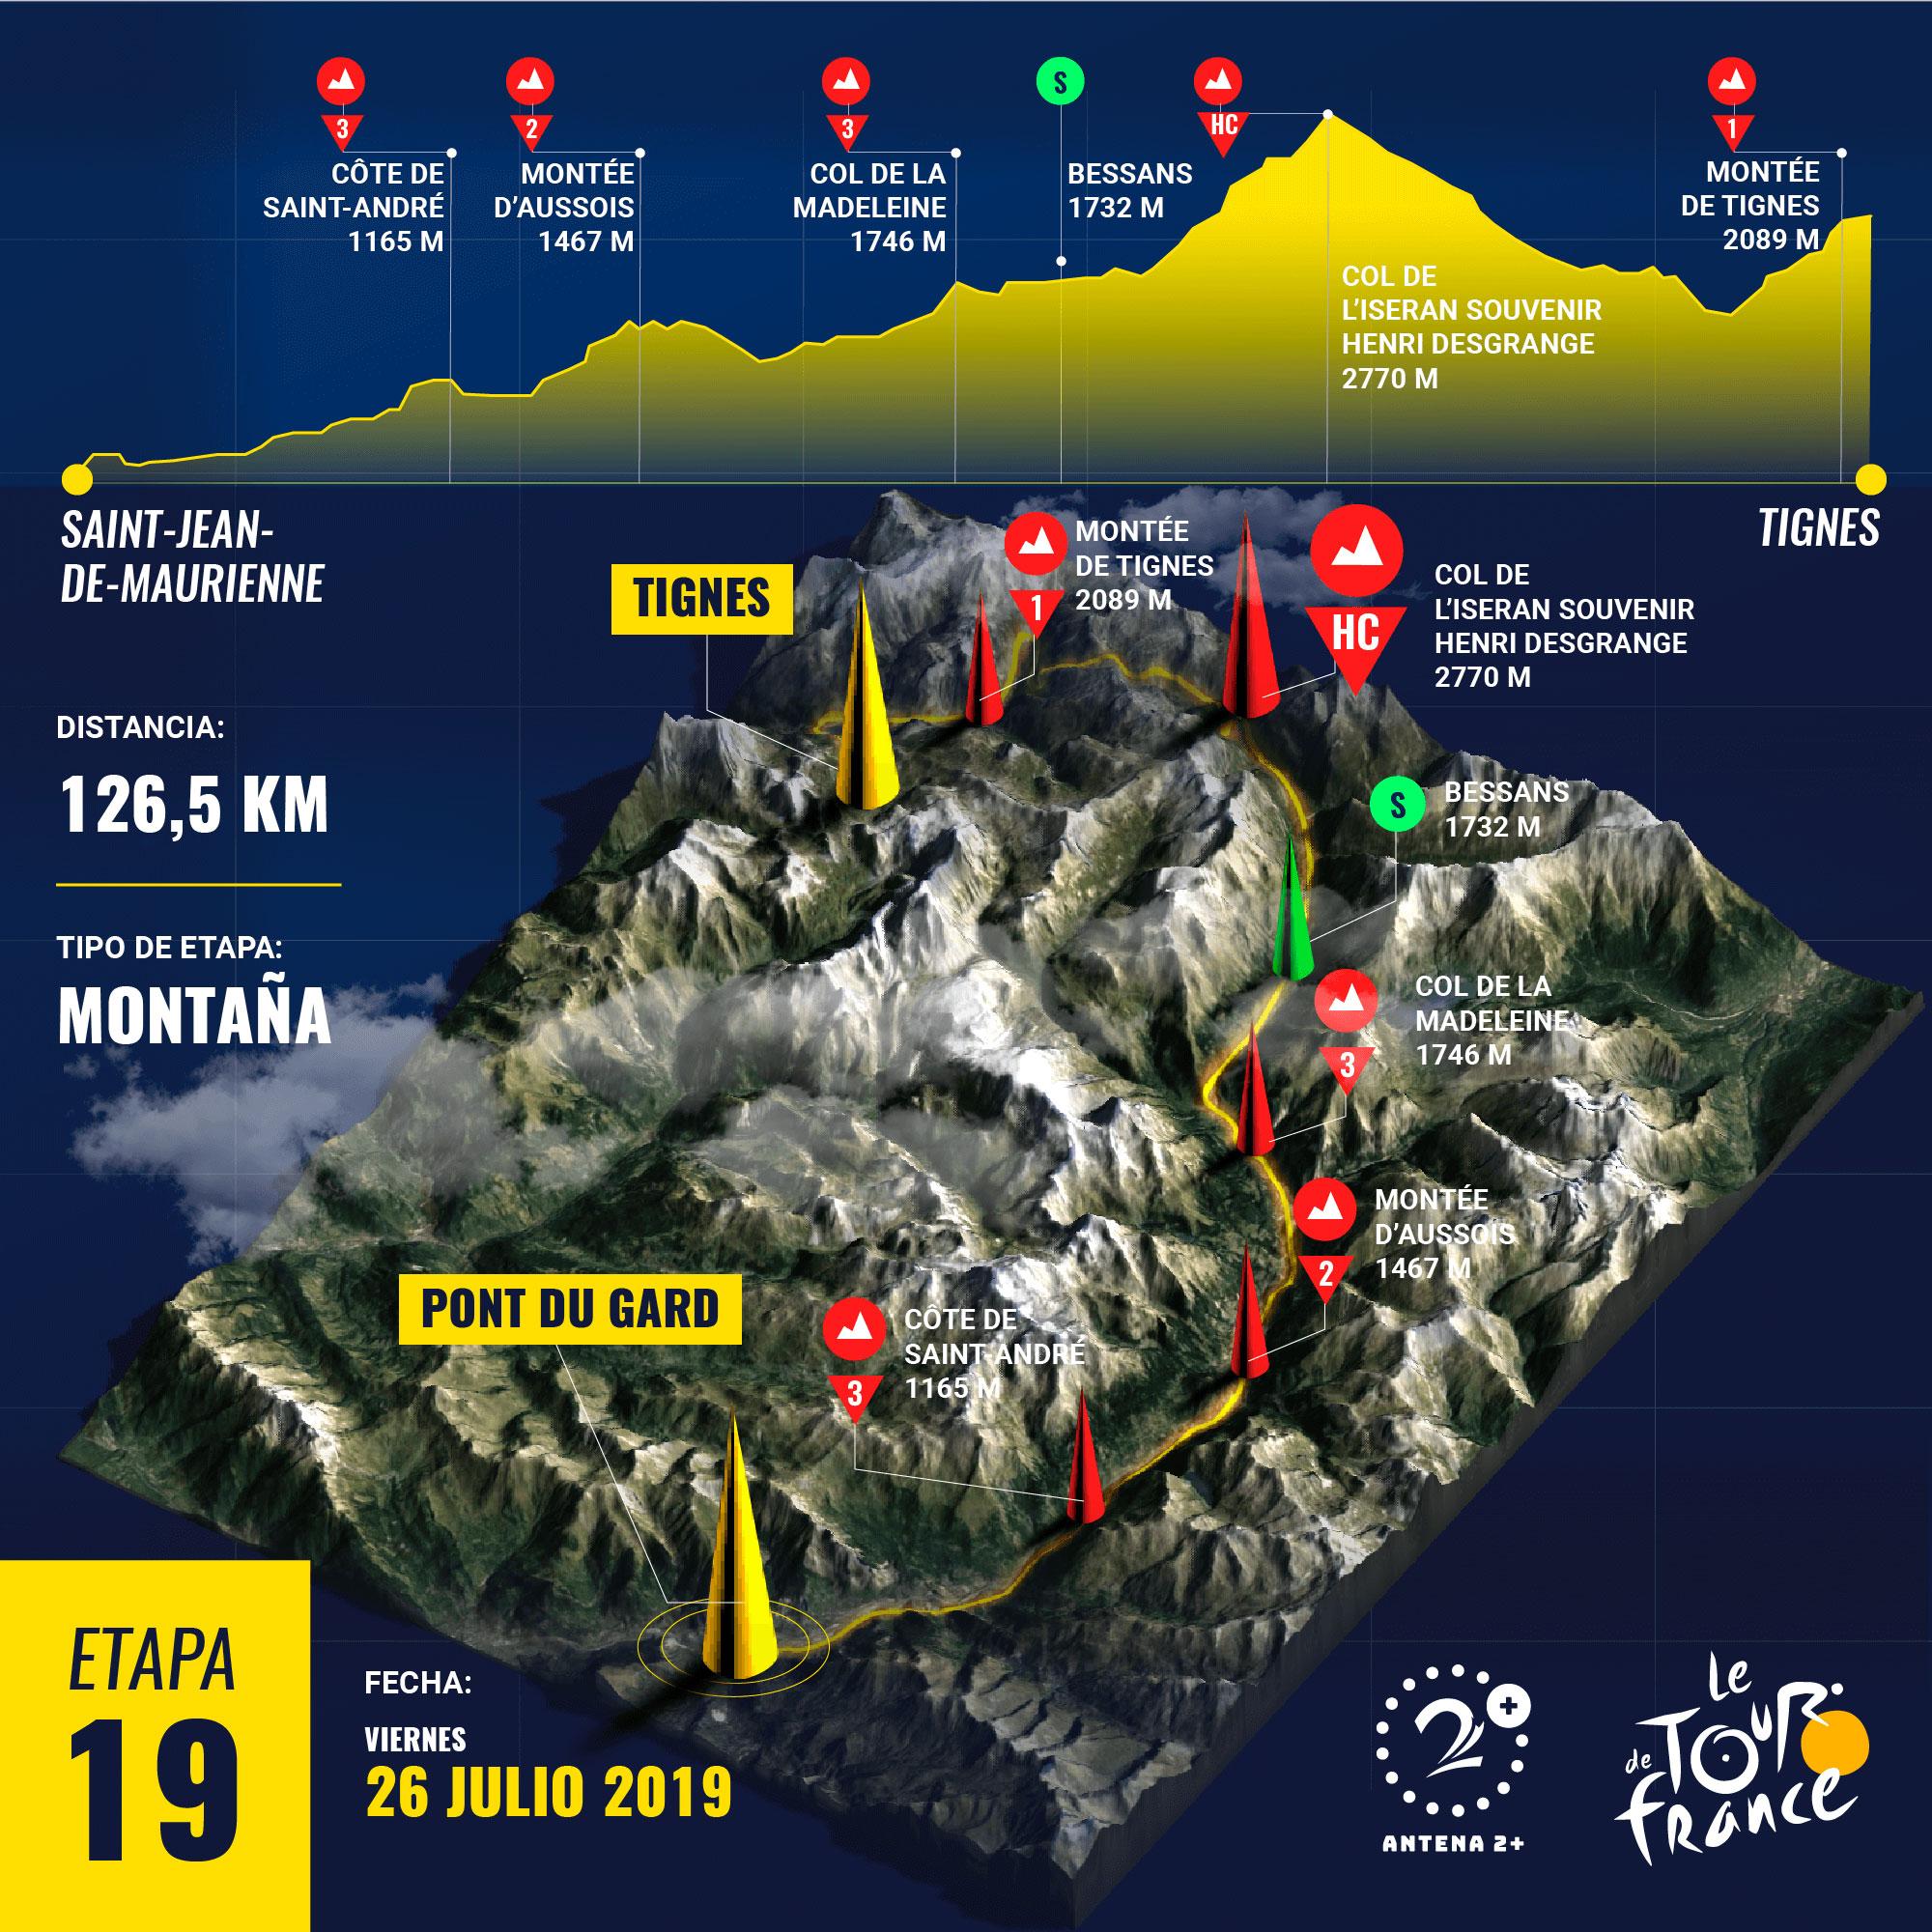 Etapa 19, Tour de Francia 2019